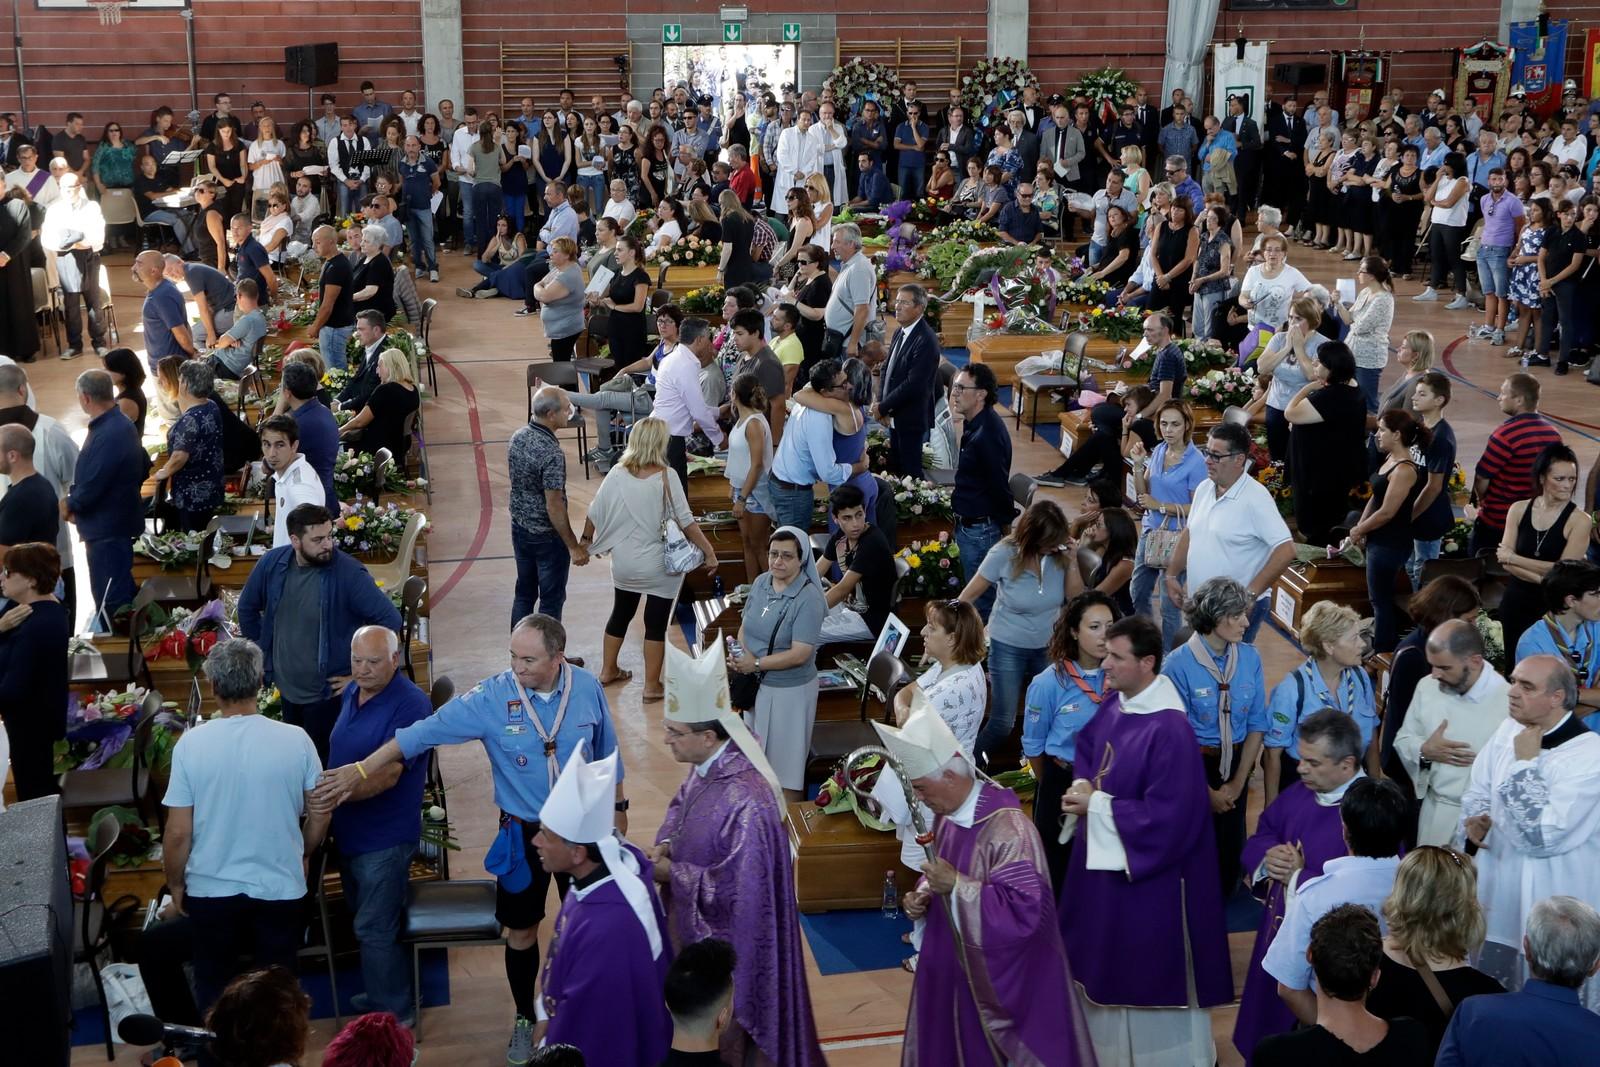 Fleire hundre menneske hadde møtt opp for å ta farvel med 35 av ofra etter jordskjelva.